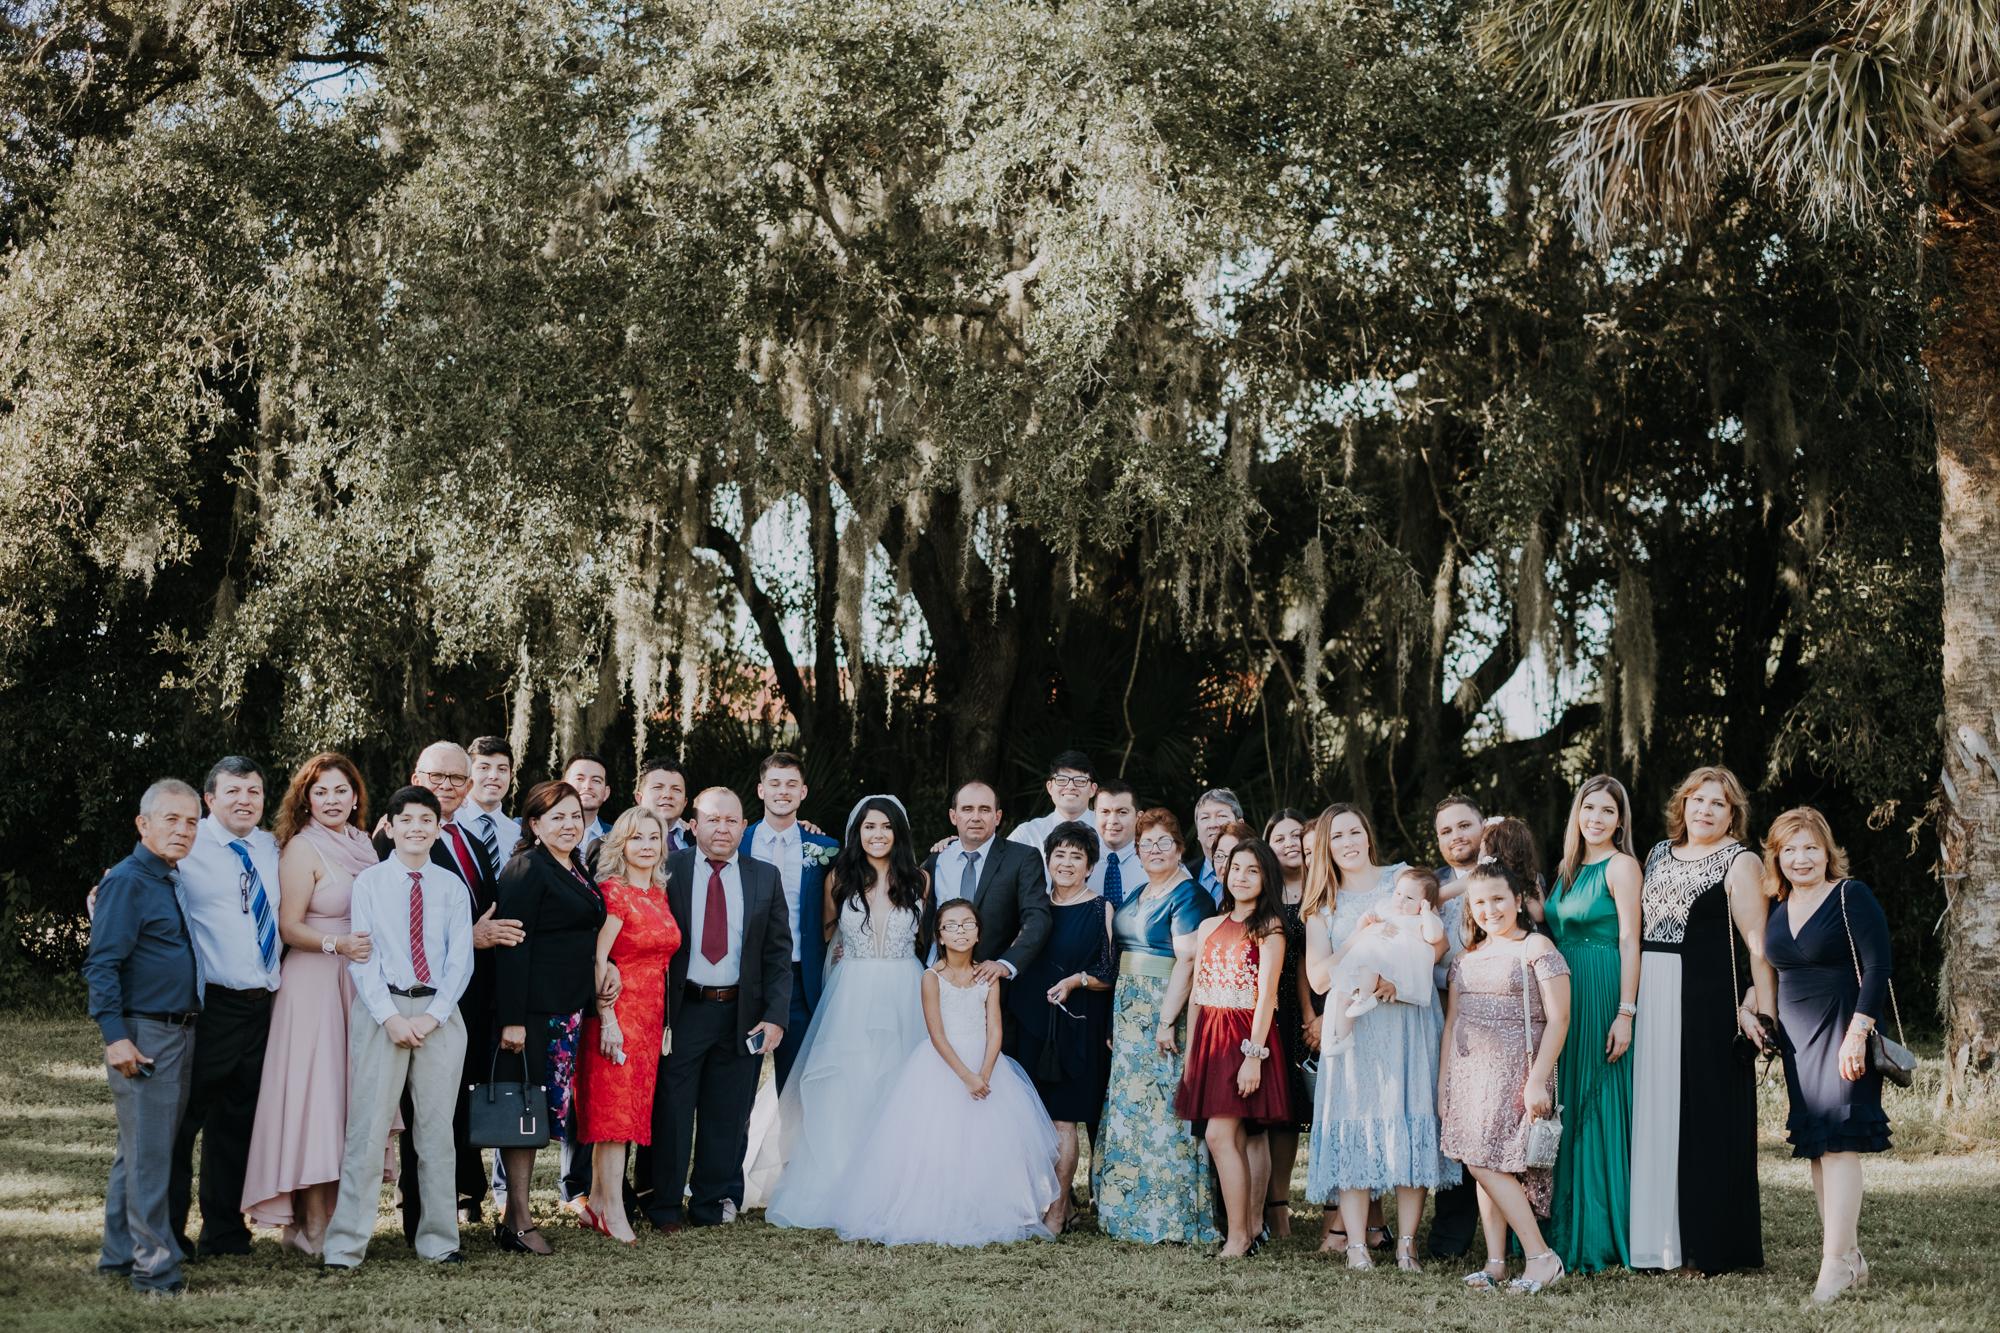 large family portraits | wedding family portraits | wedding group portraits | outdoor Florida wedding